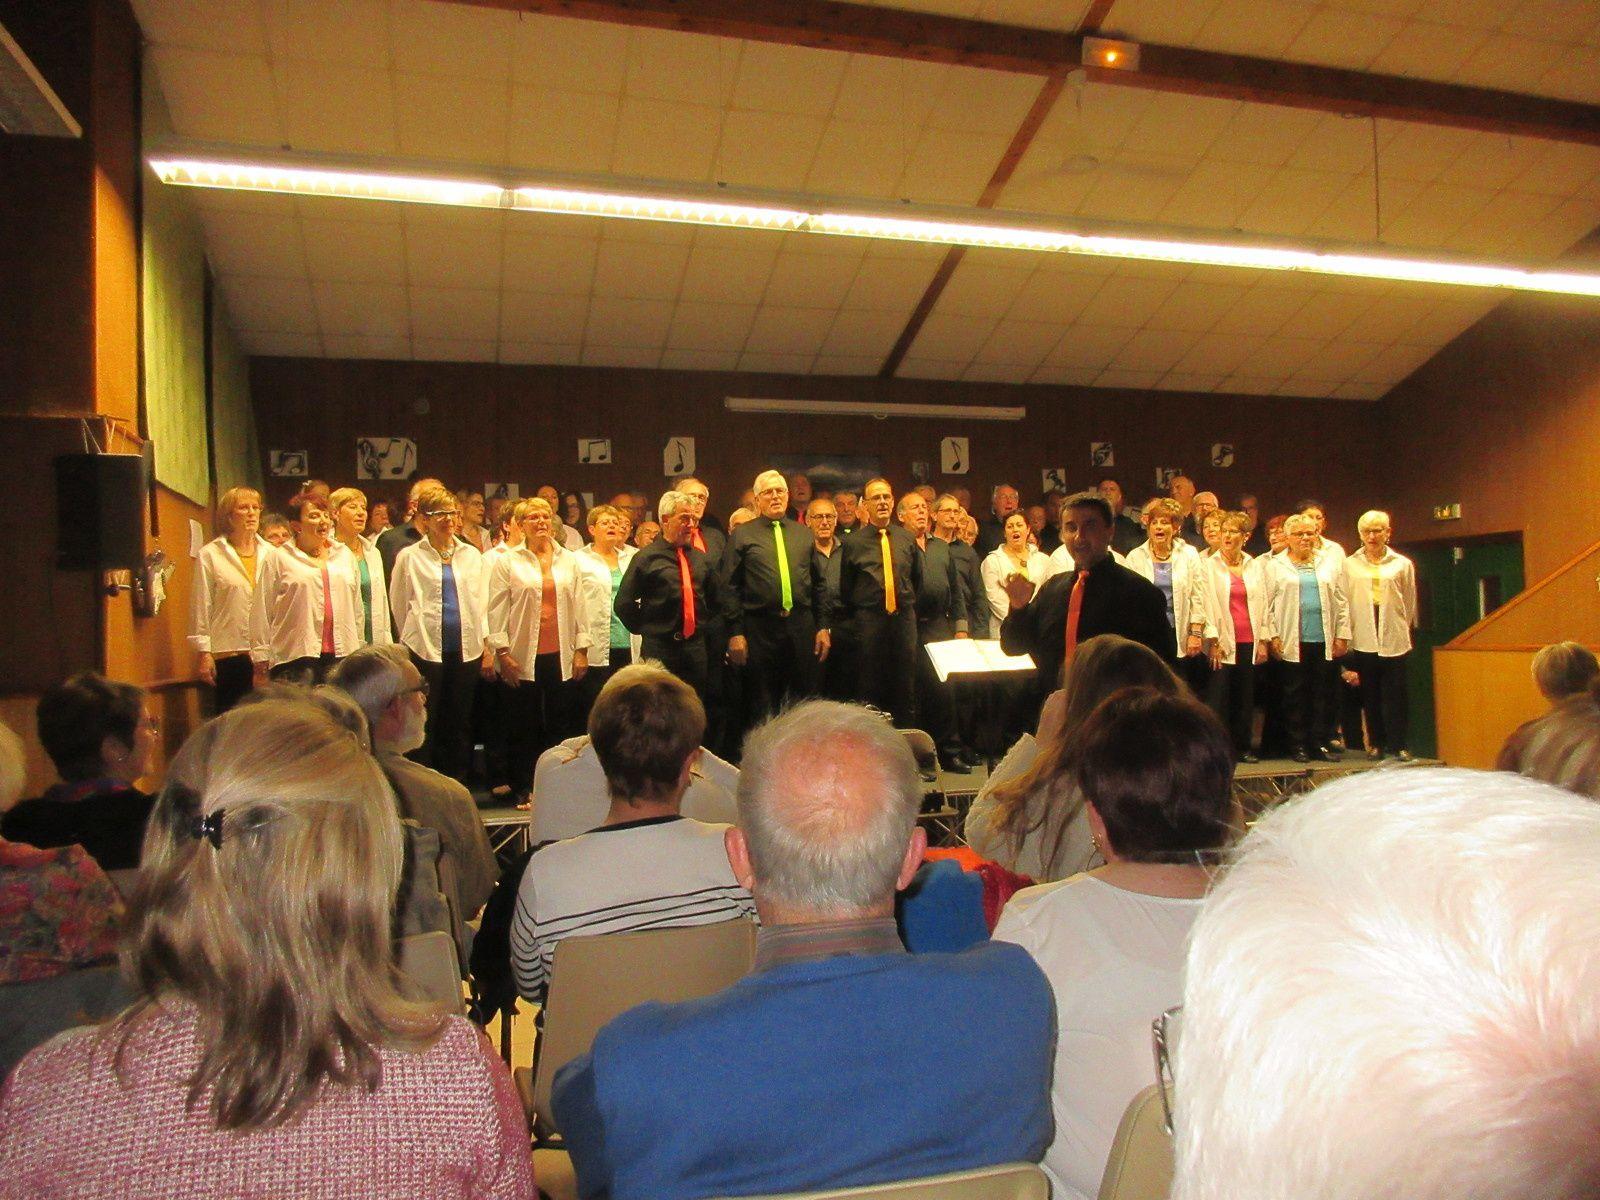 Le chant commun réunissant les deux chorales. Alexandre Depierre dirigeant public et choristes.